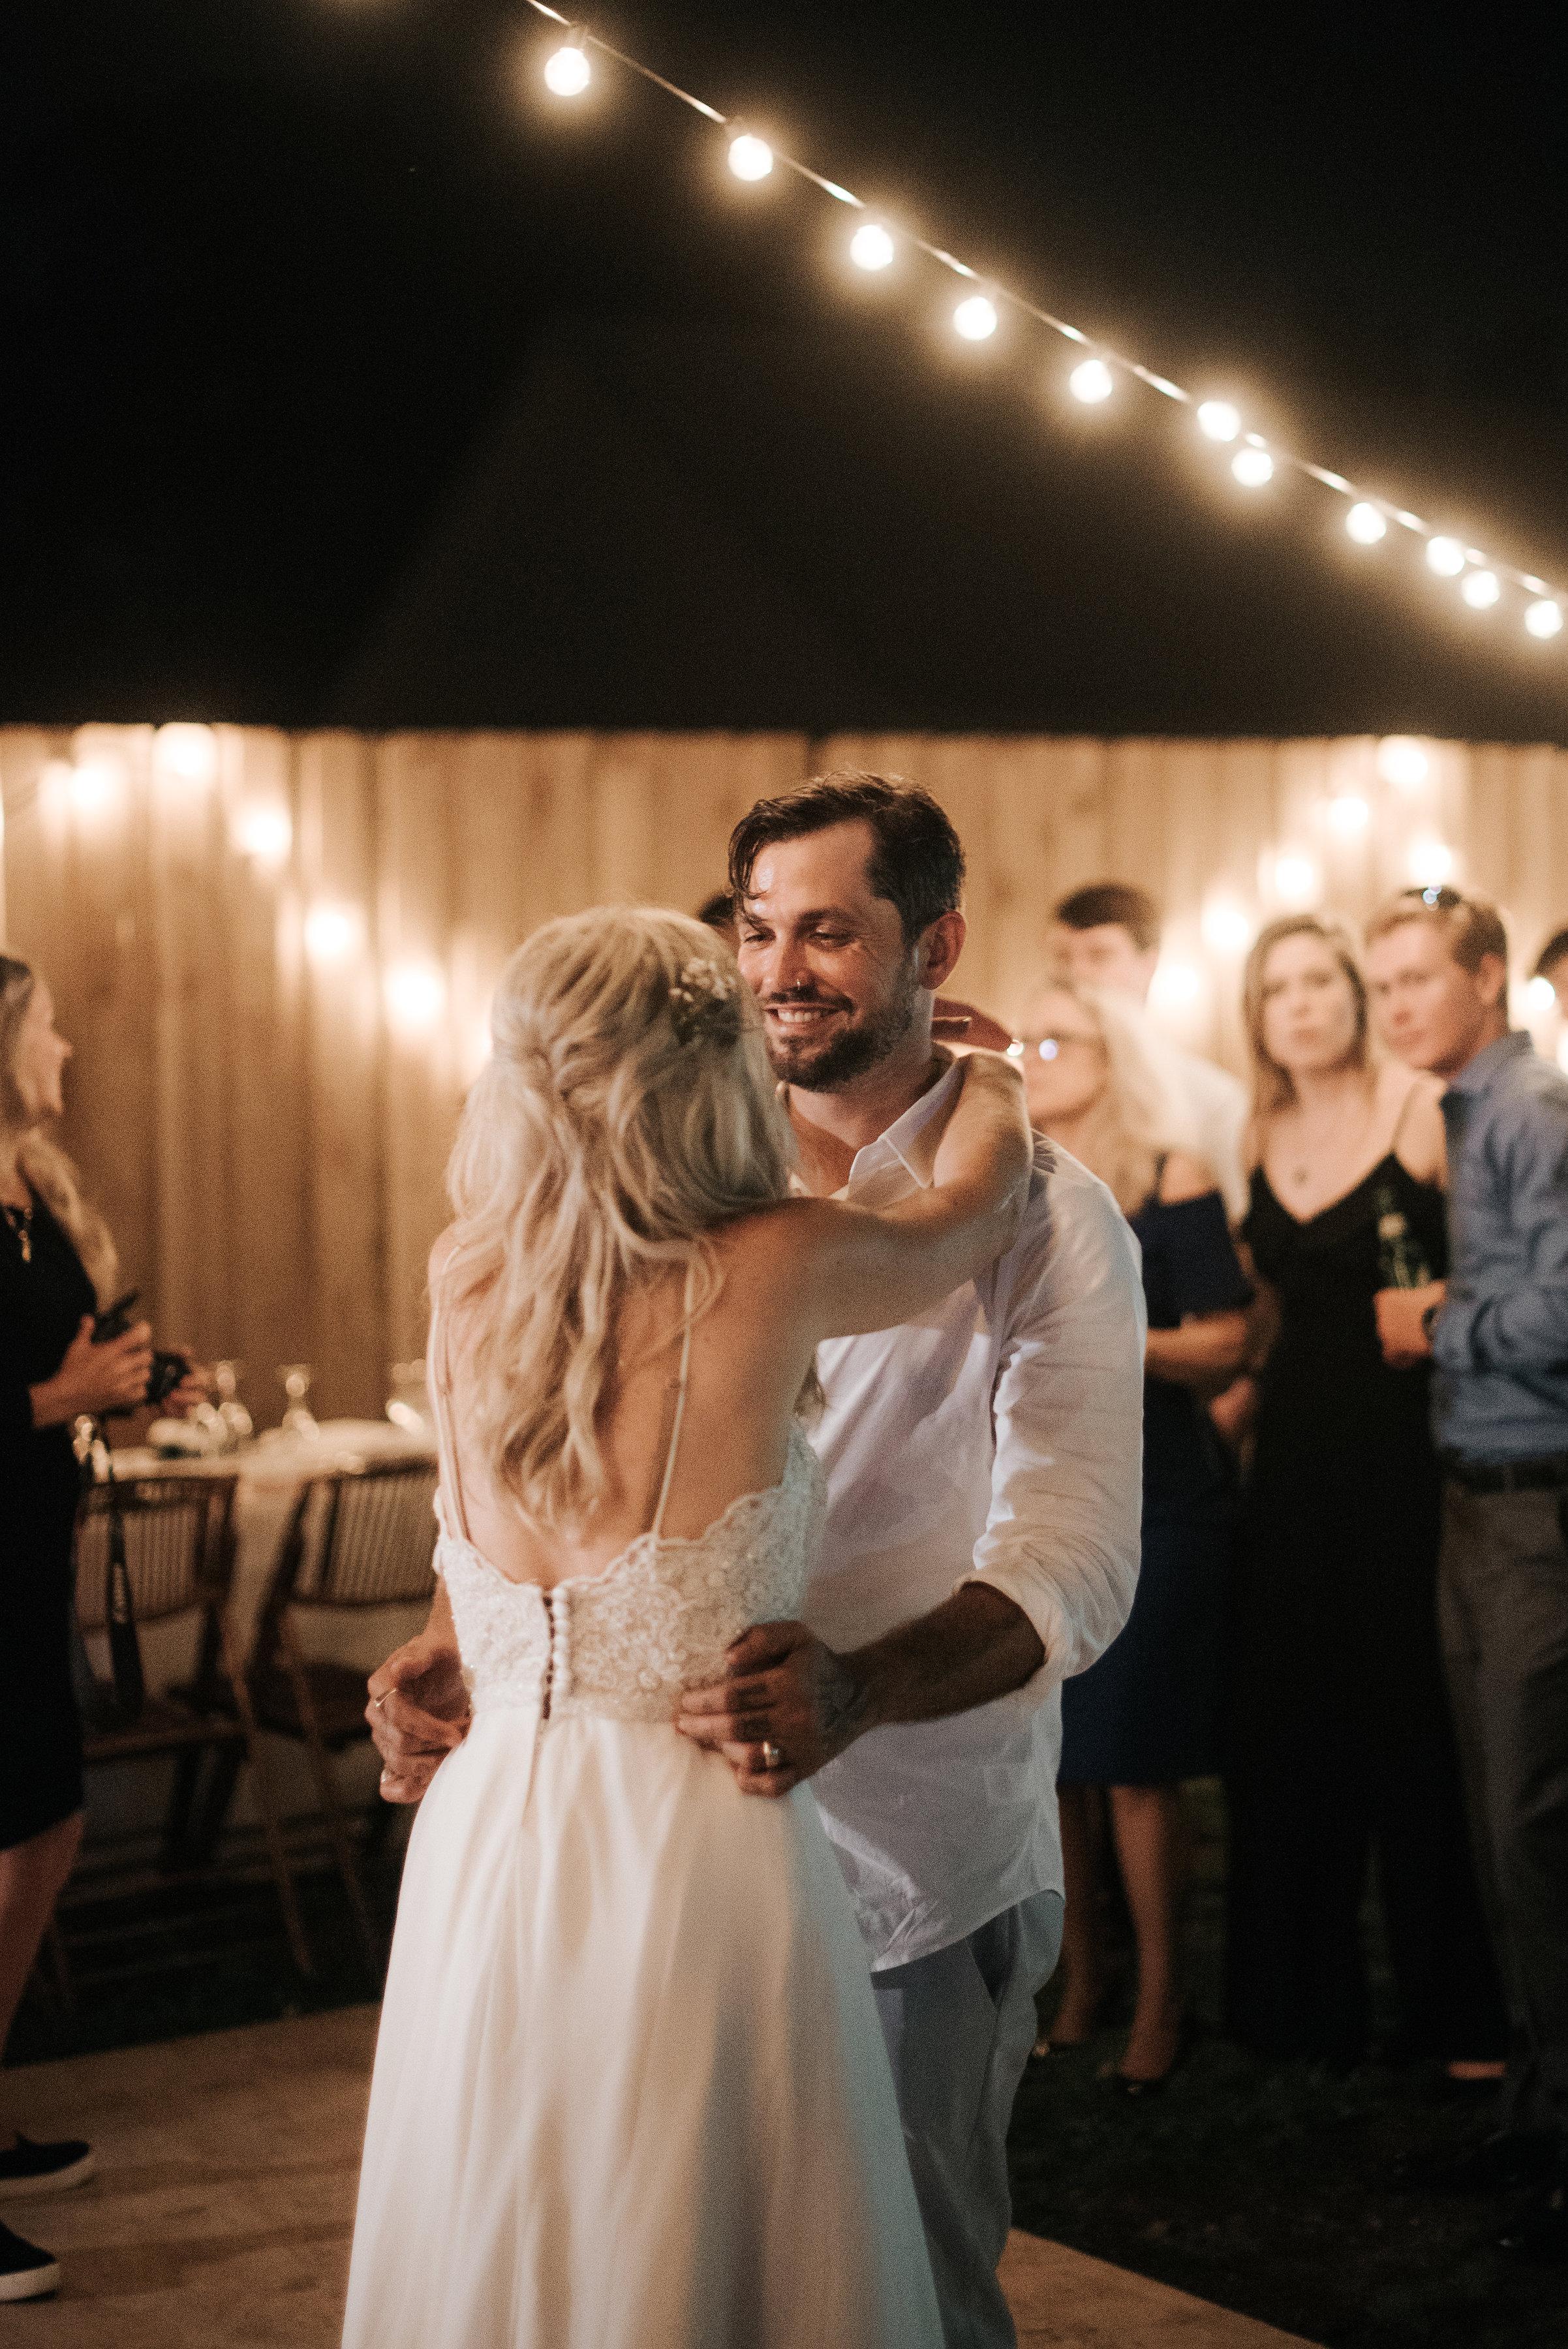 michelle-ronnie-backyard-wedding-861.jpg